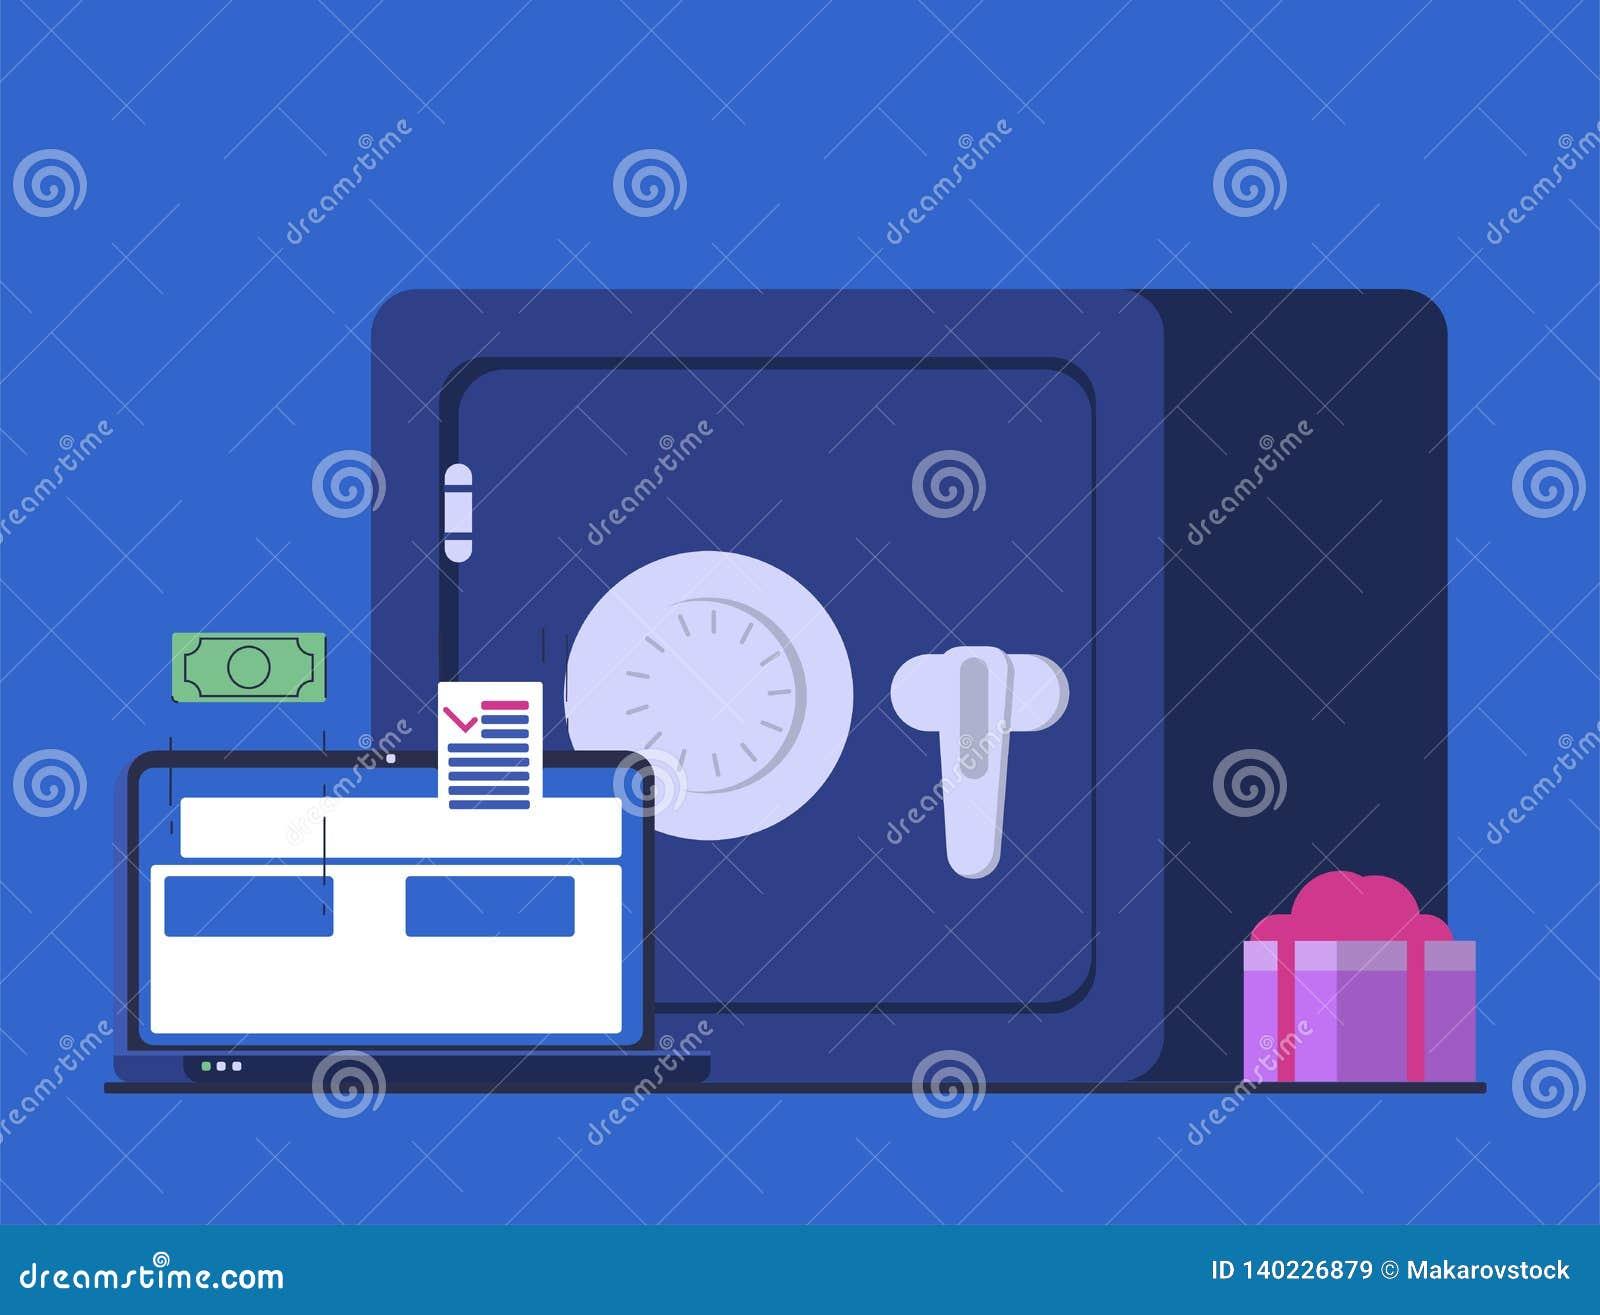 网路银行和送金钱